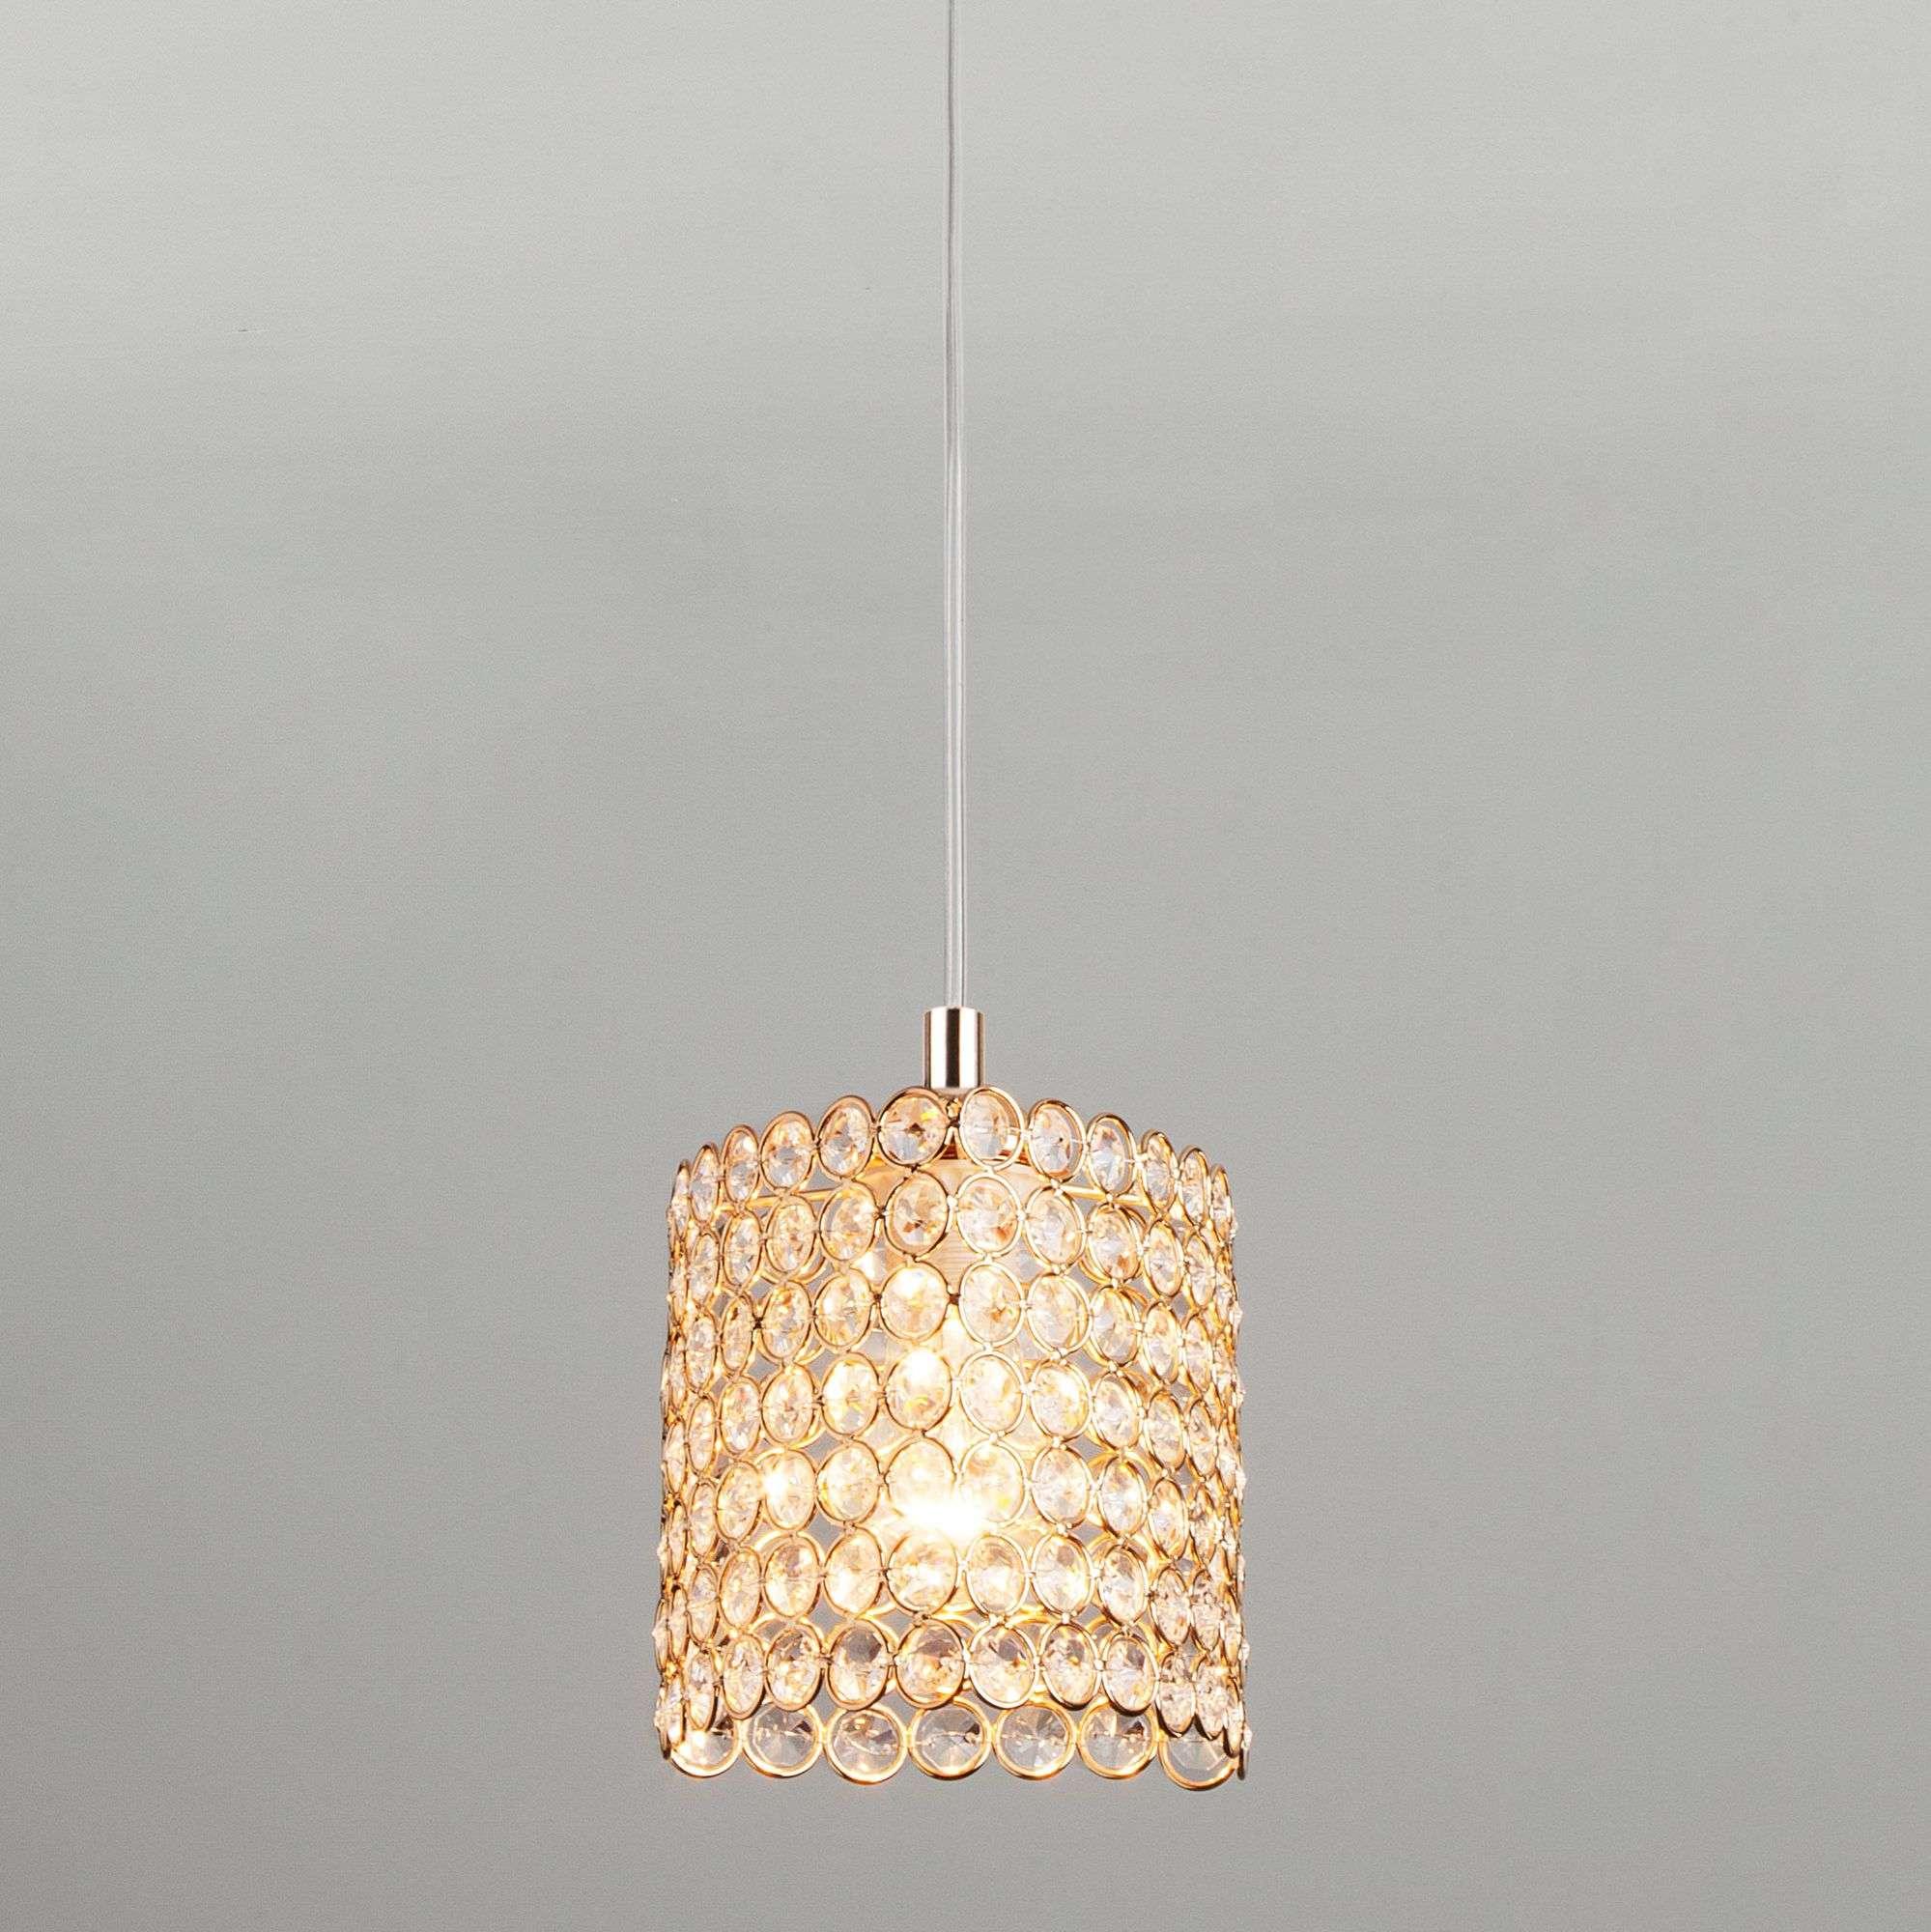 Подвесной светильник с хрусталем 50068/1 золото